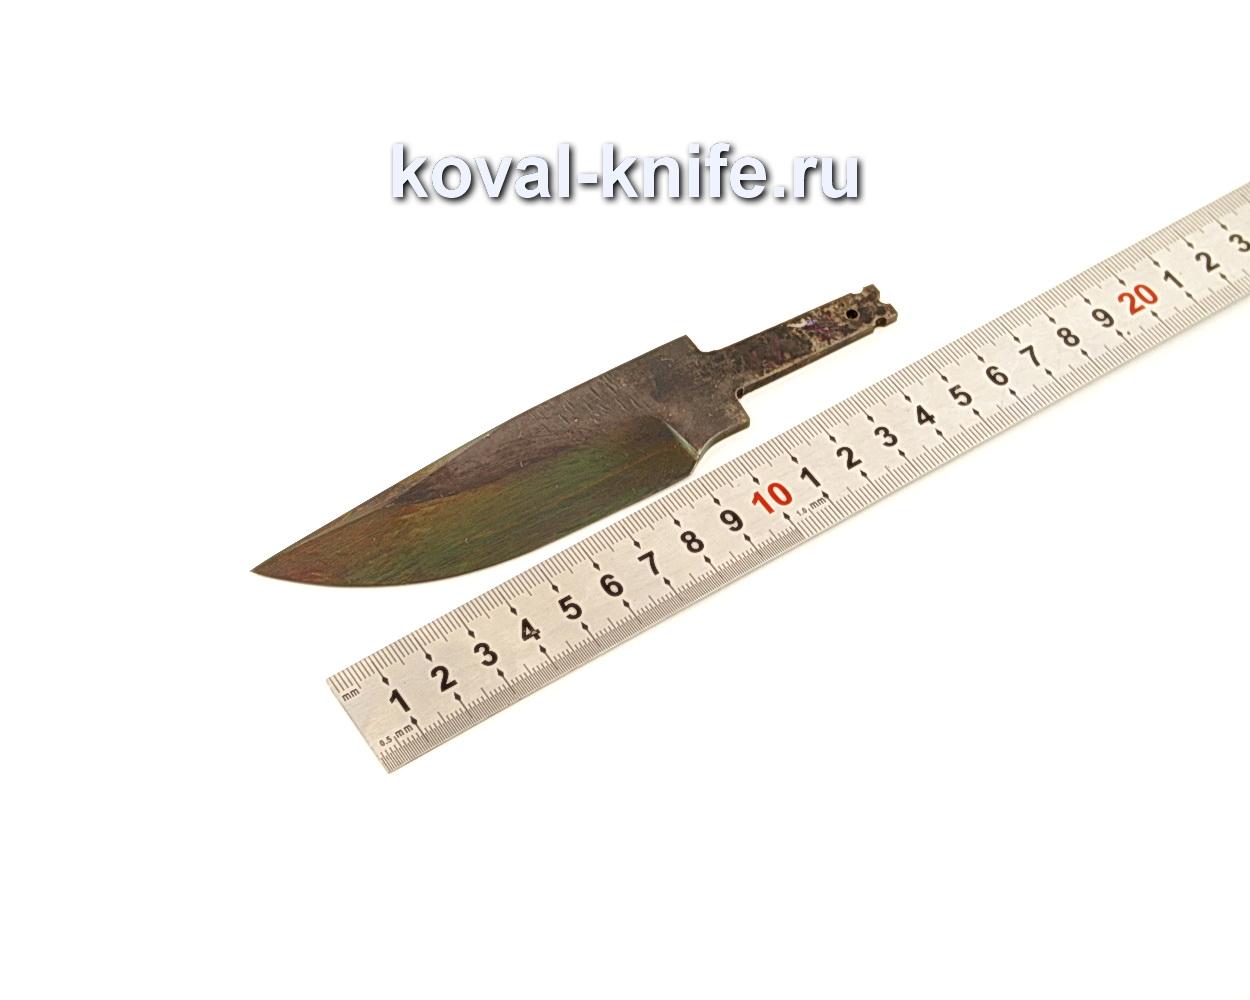 Клинок для ножа из кованой стали У10А N51